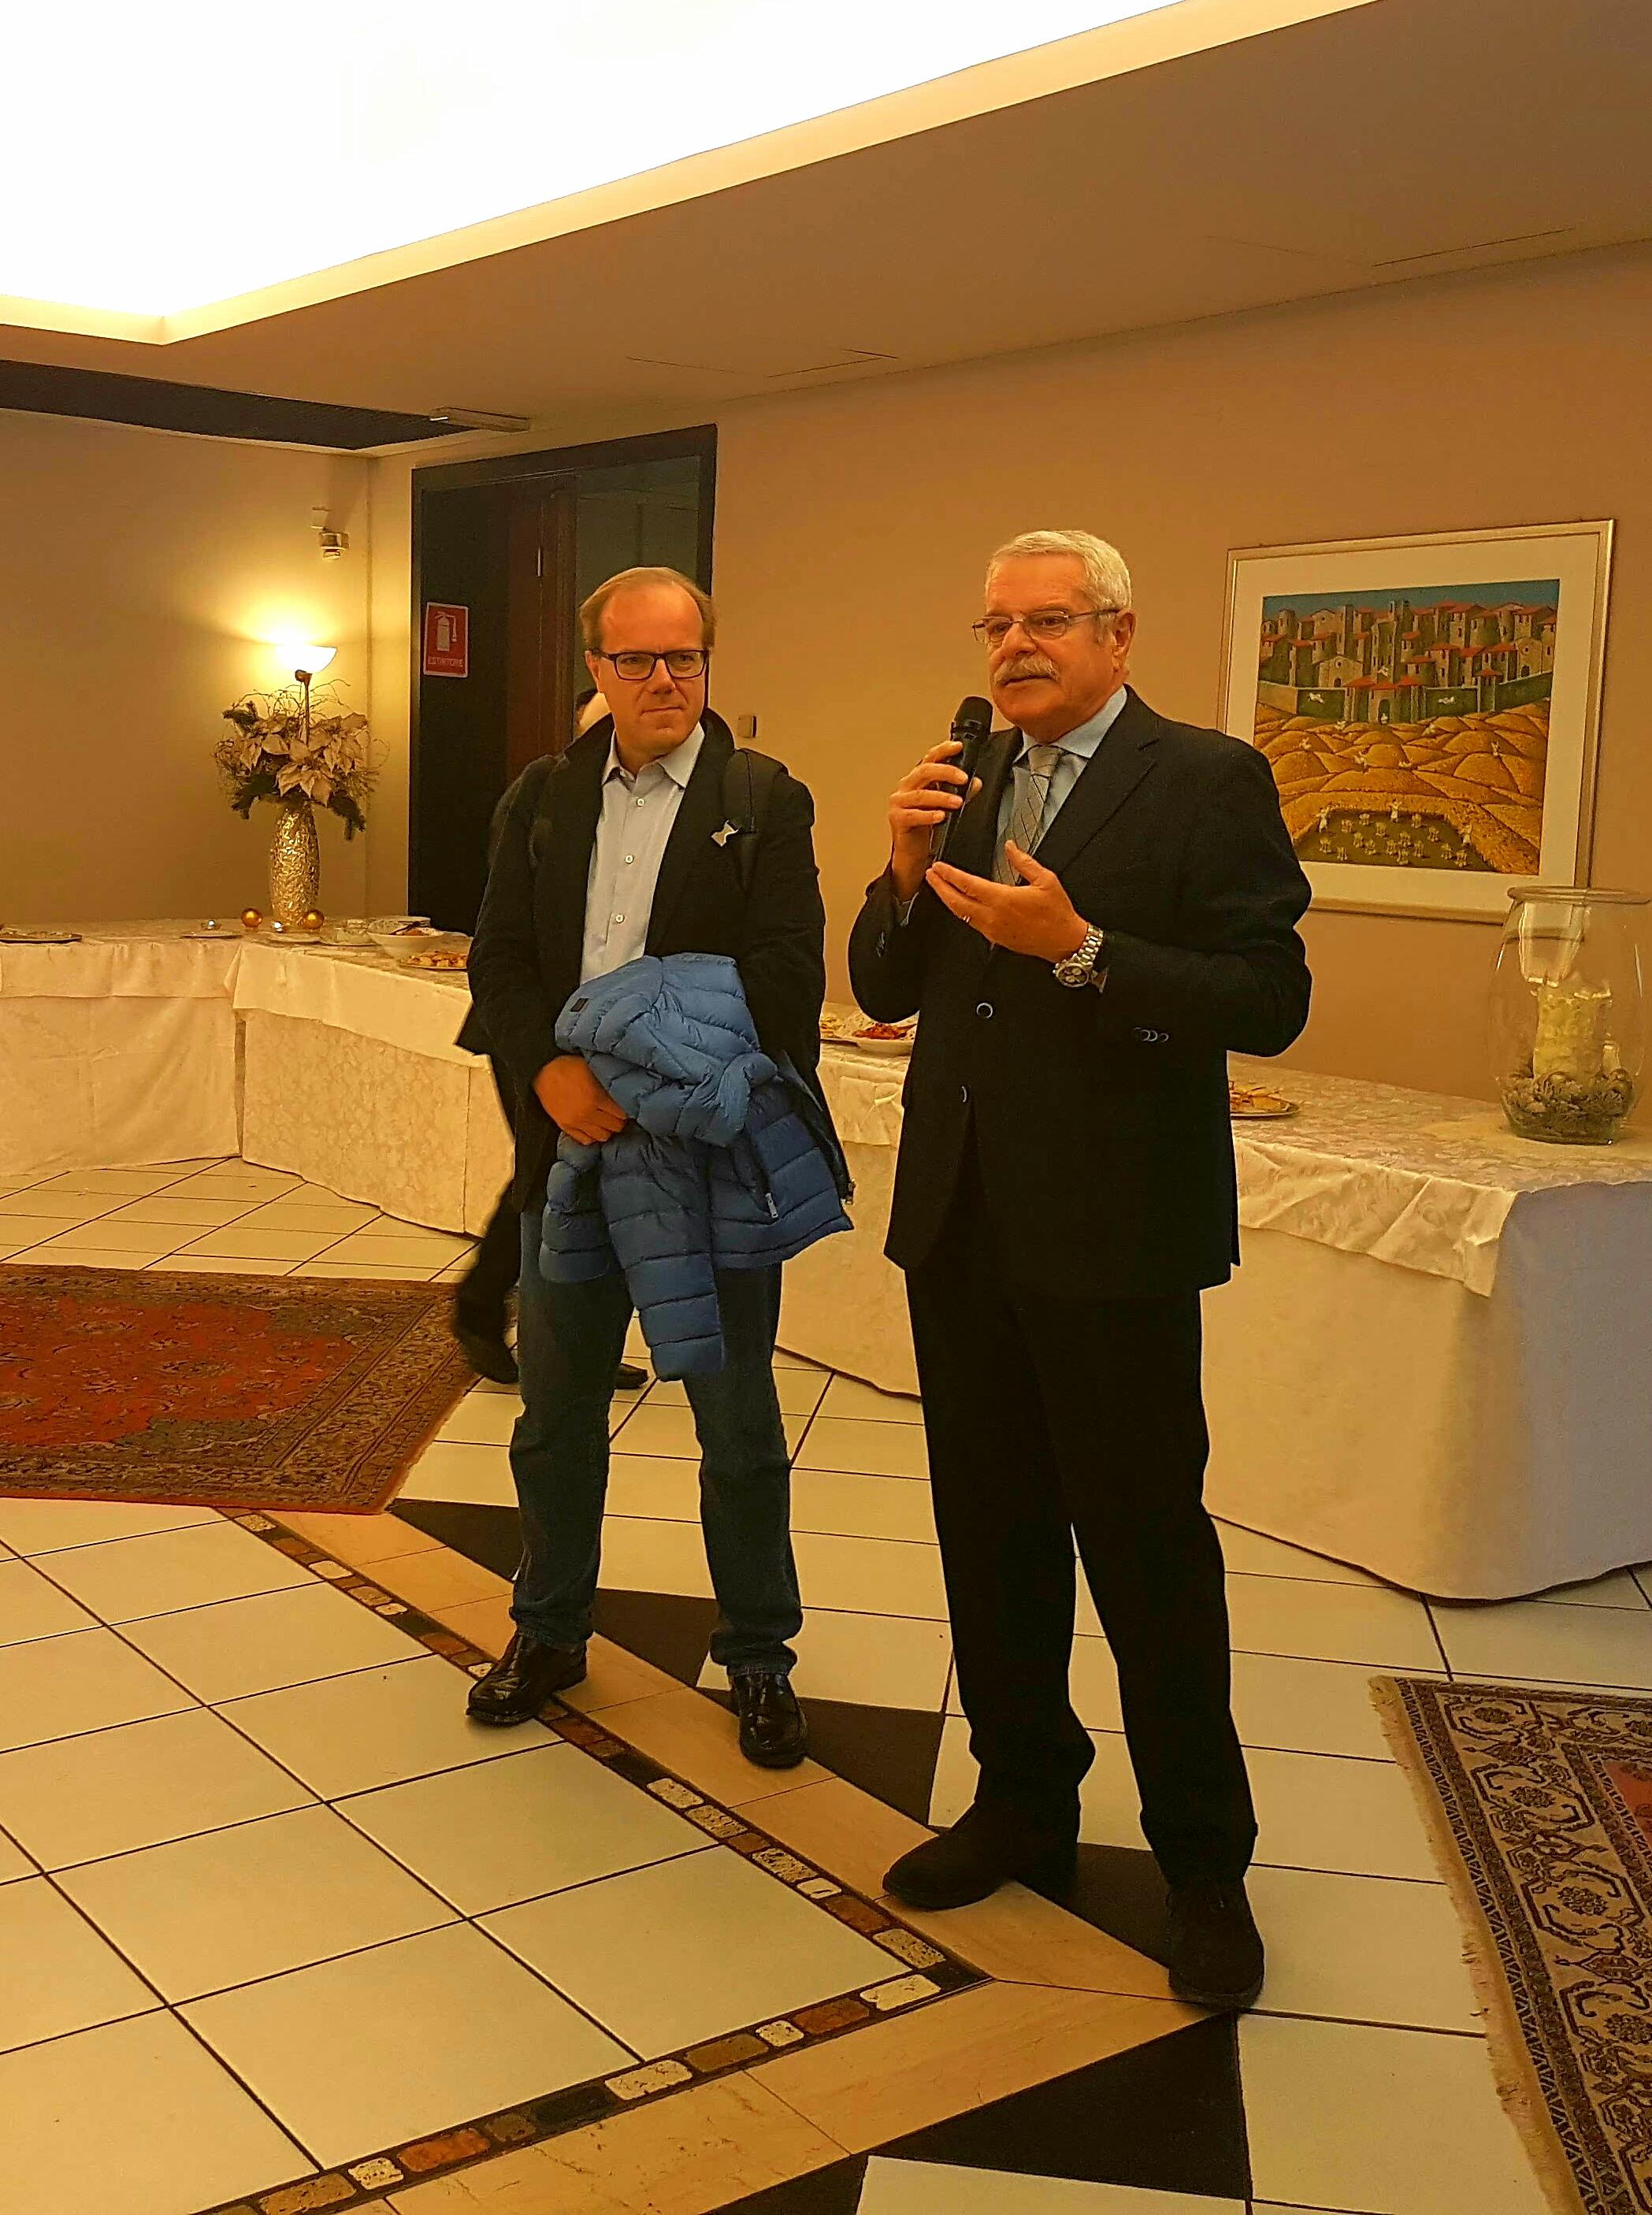 Il Presidente e il dott. Cernetti